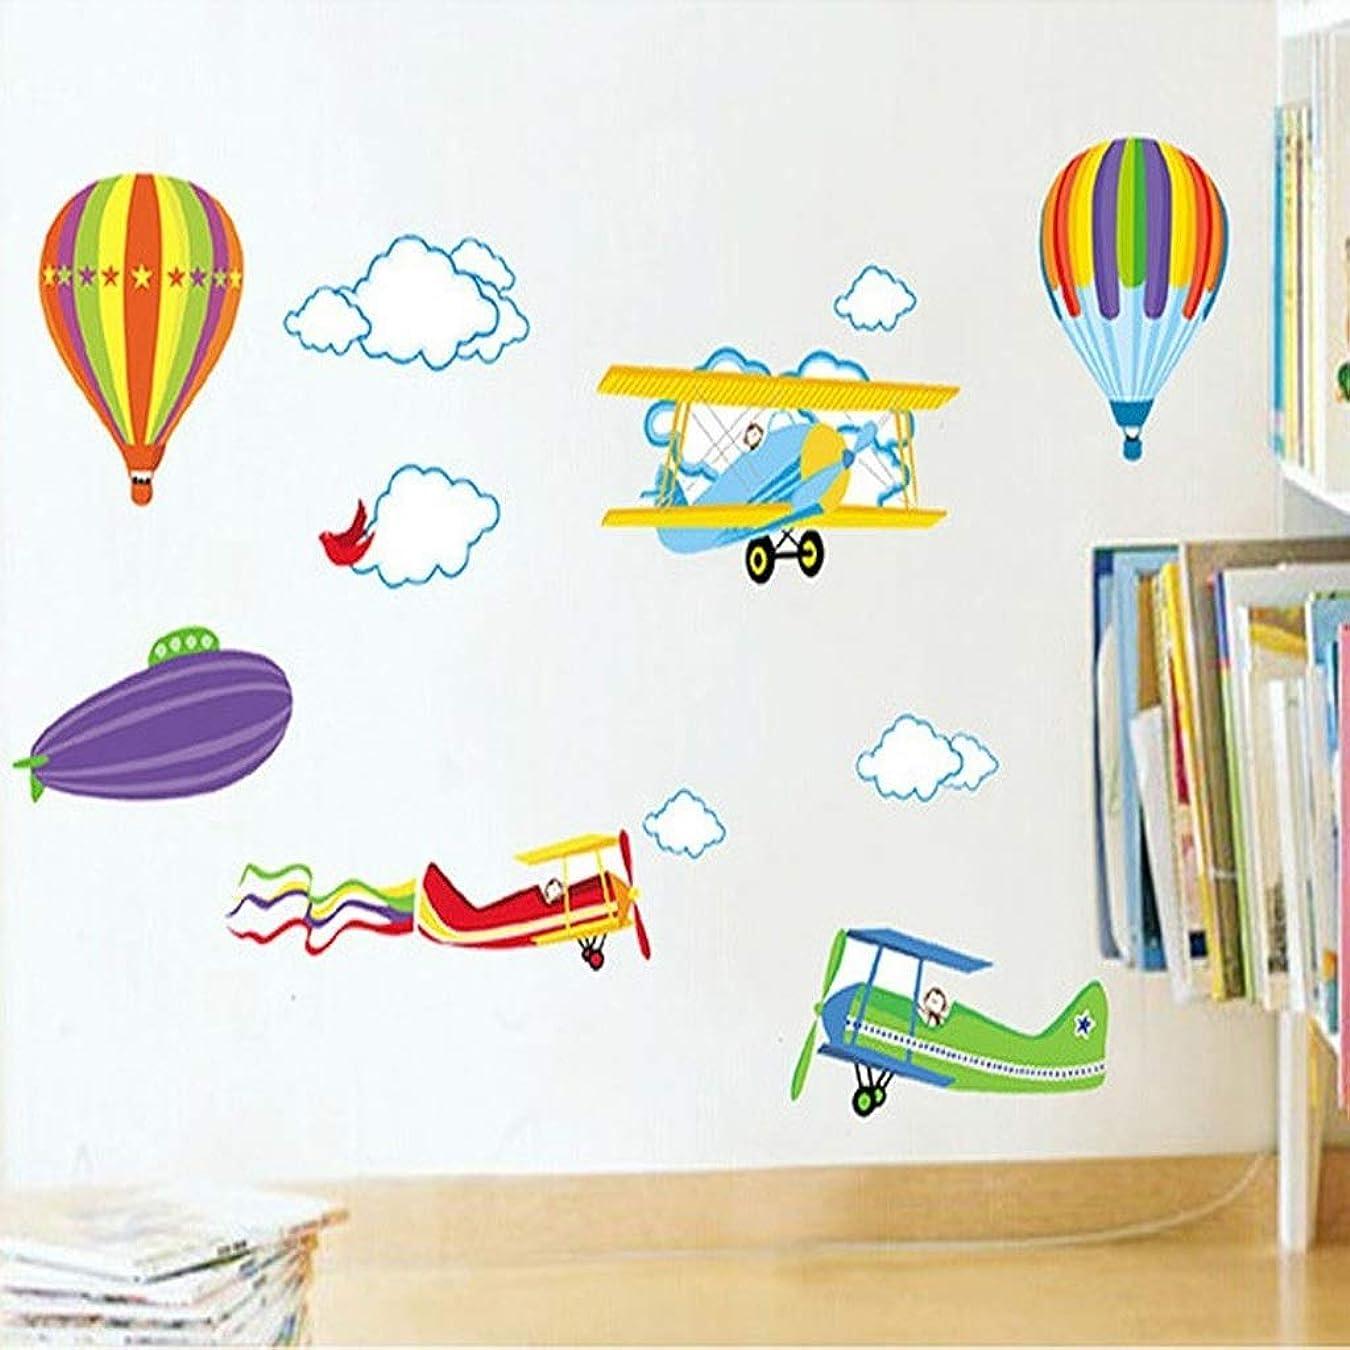 十分に雪アンカーYSYYSH 子供の漫画の壁のステッカーベビールームの装飾取り外し可能な保育園の子供部屋の壁デカール航空機と熱気球 壁ステッカー壁画